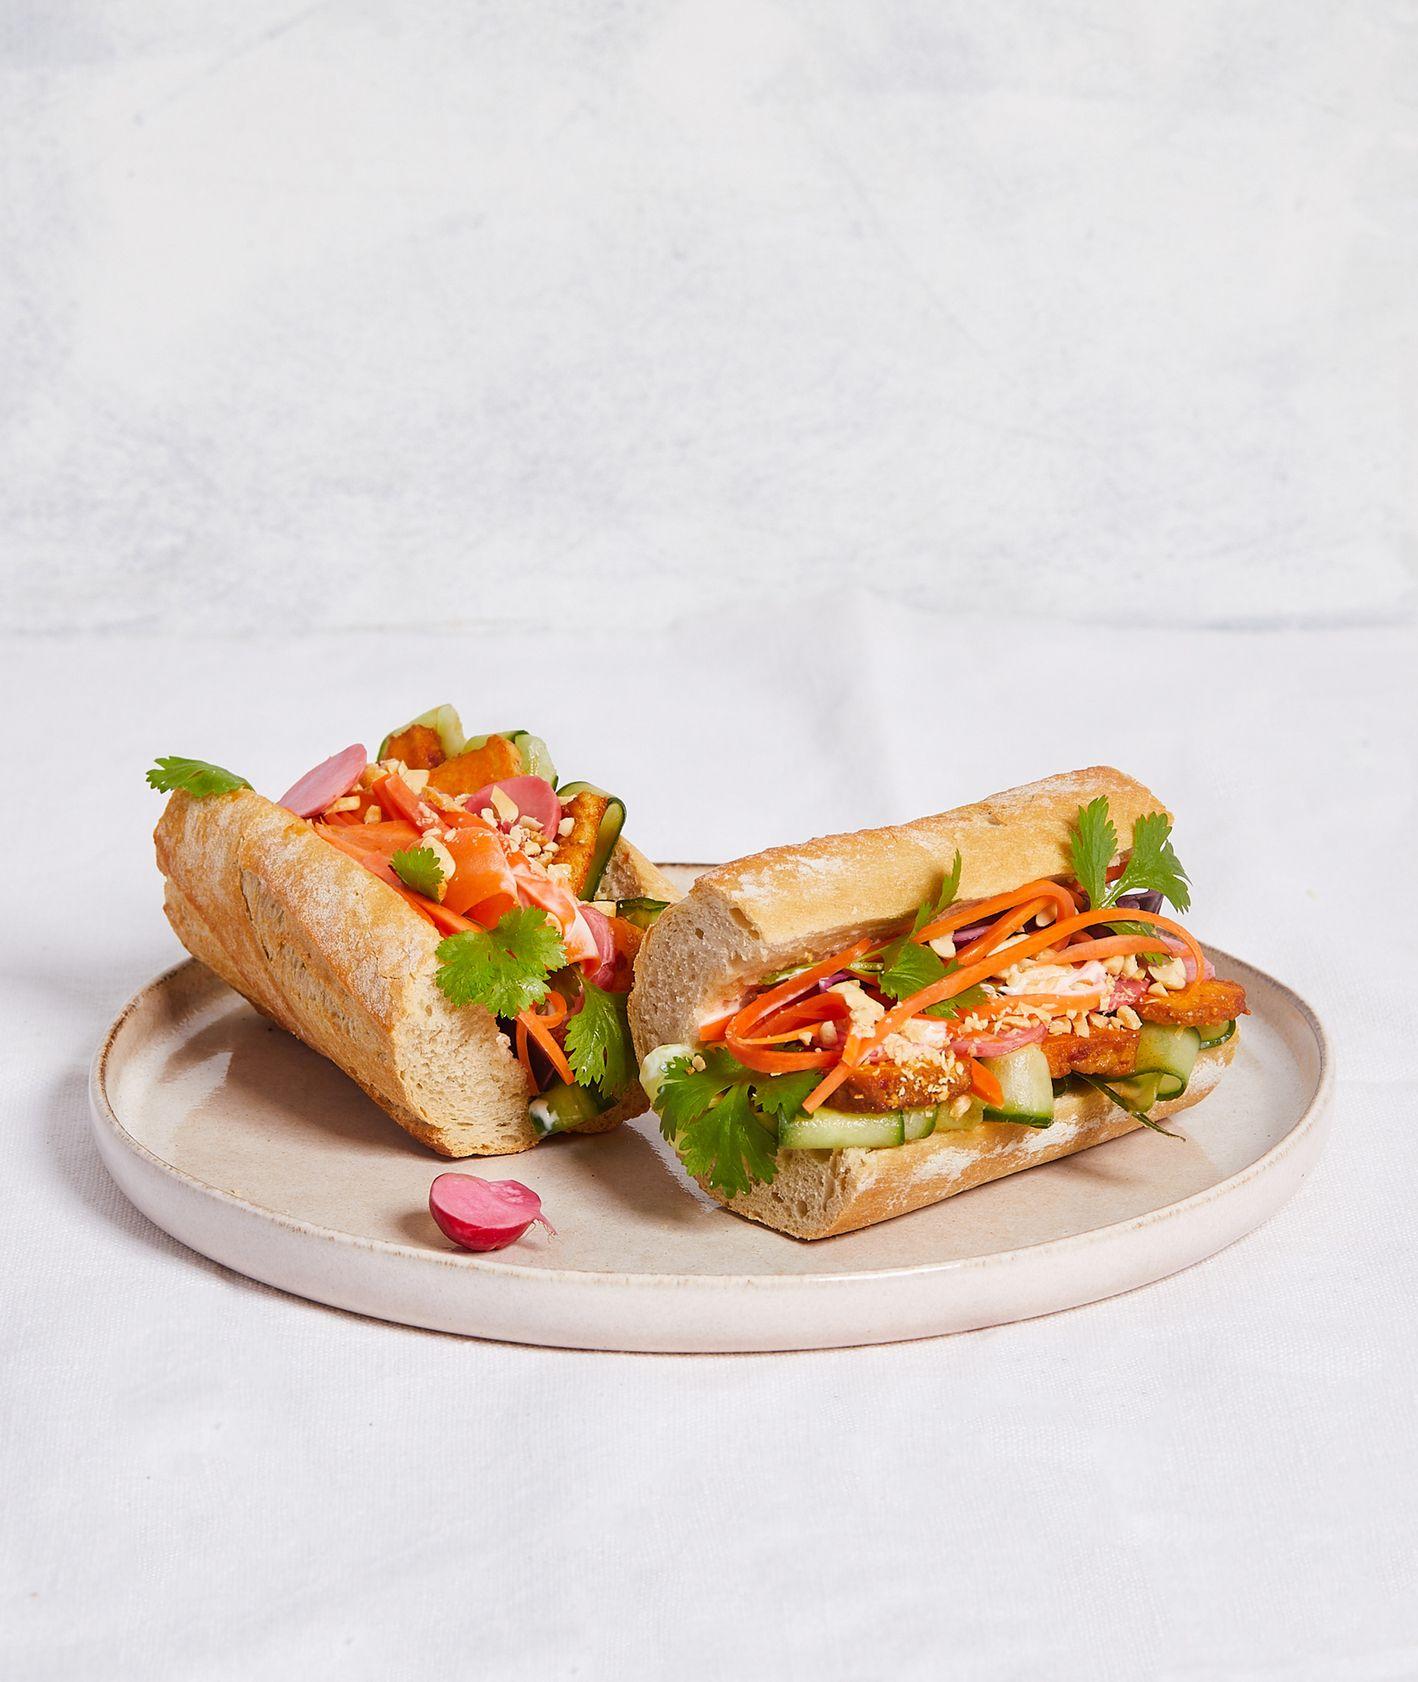 Azjatycka kanapka z marynowanym tofu, piklami warzywnymi i kolendrą (fot. Maciek Niemojewski)